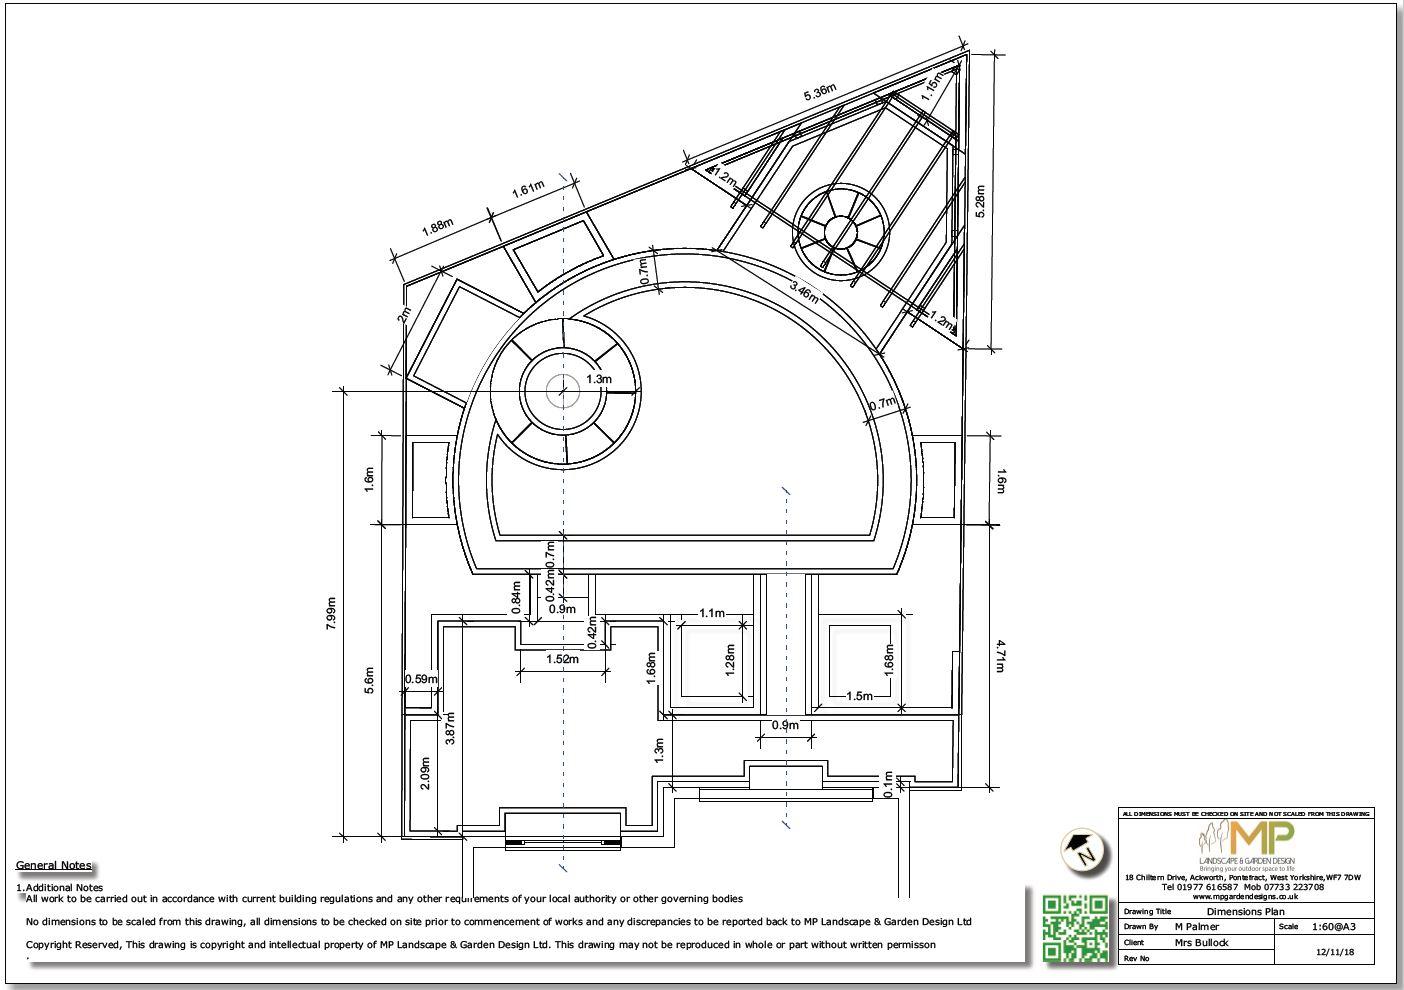 Garden design dimensions plan for a rear garden in Mexborough.